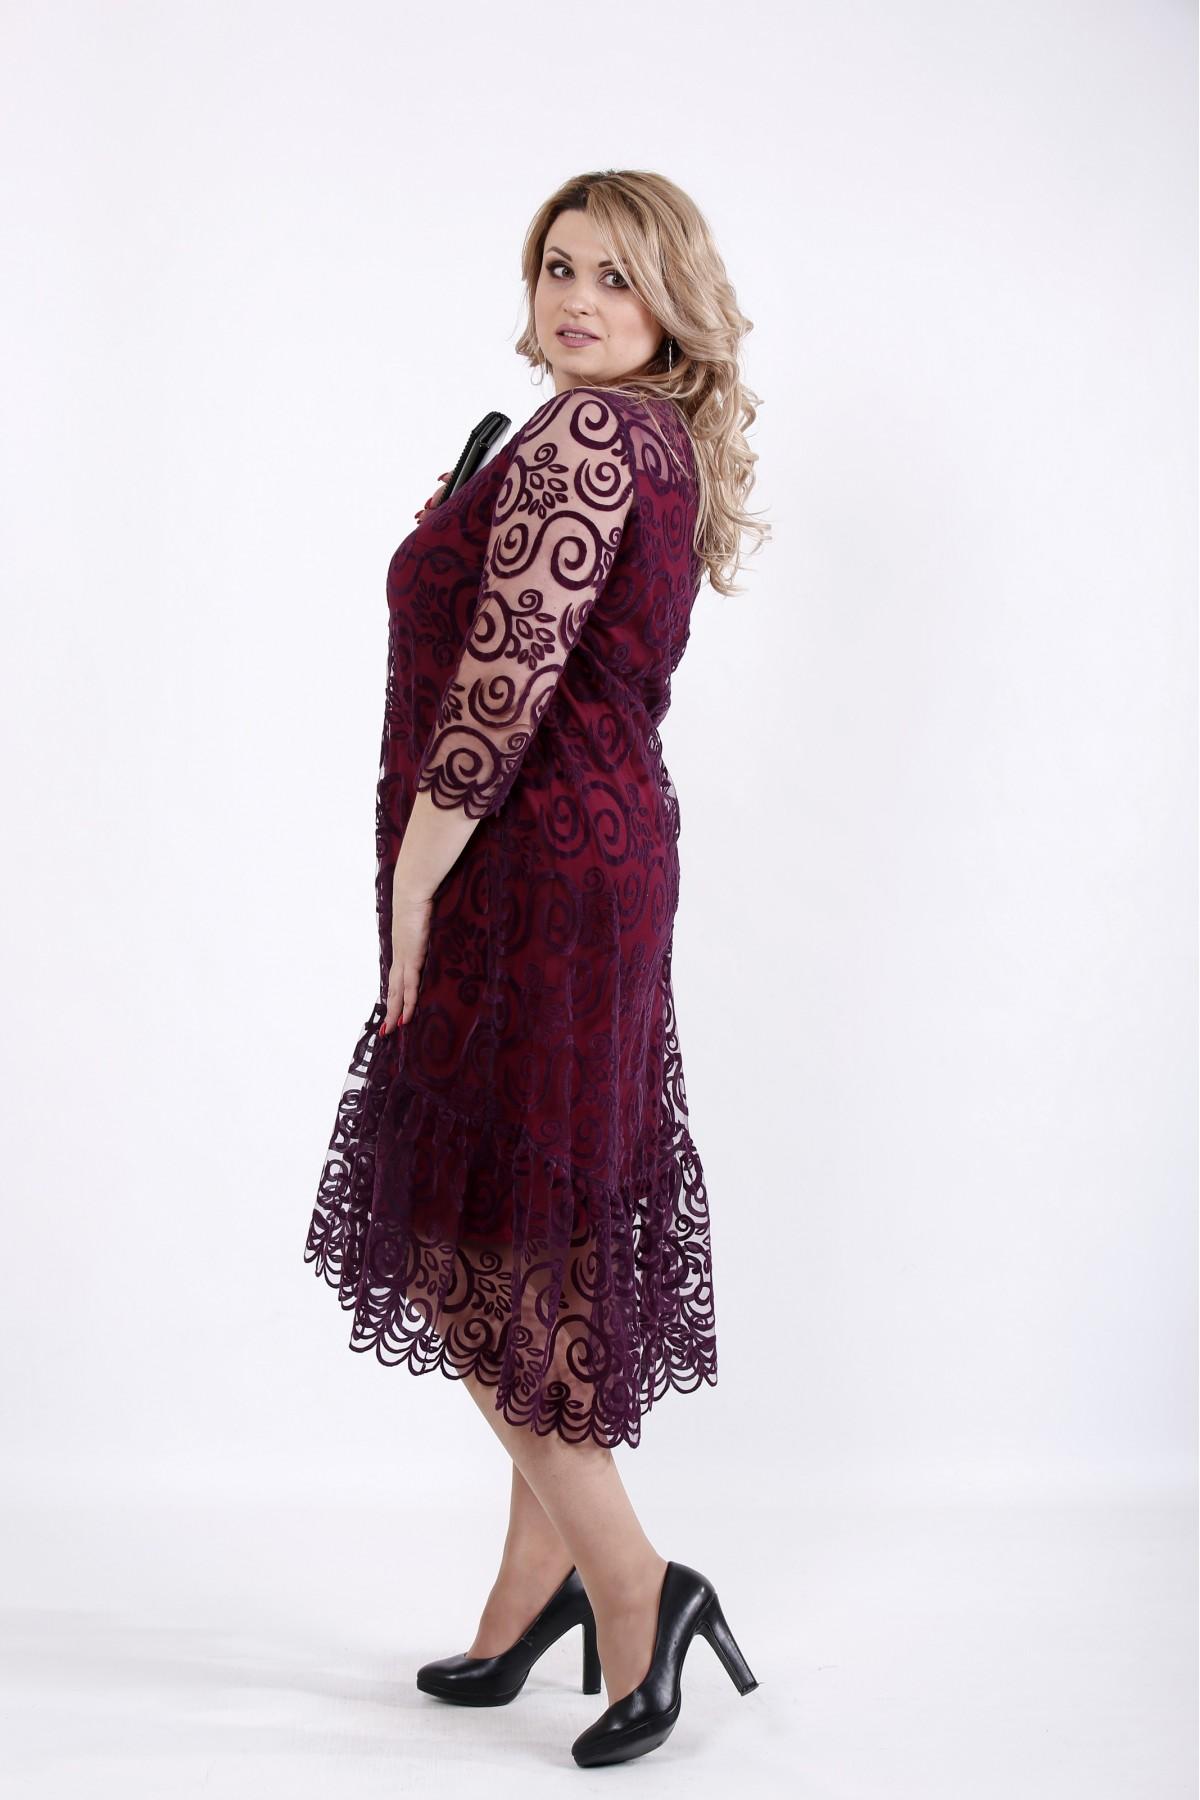 23d7feb18f3d3c Купити Ошатне плаття бордо + сітка   01064-1 ♥ Гаррі Шоп